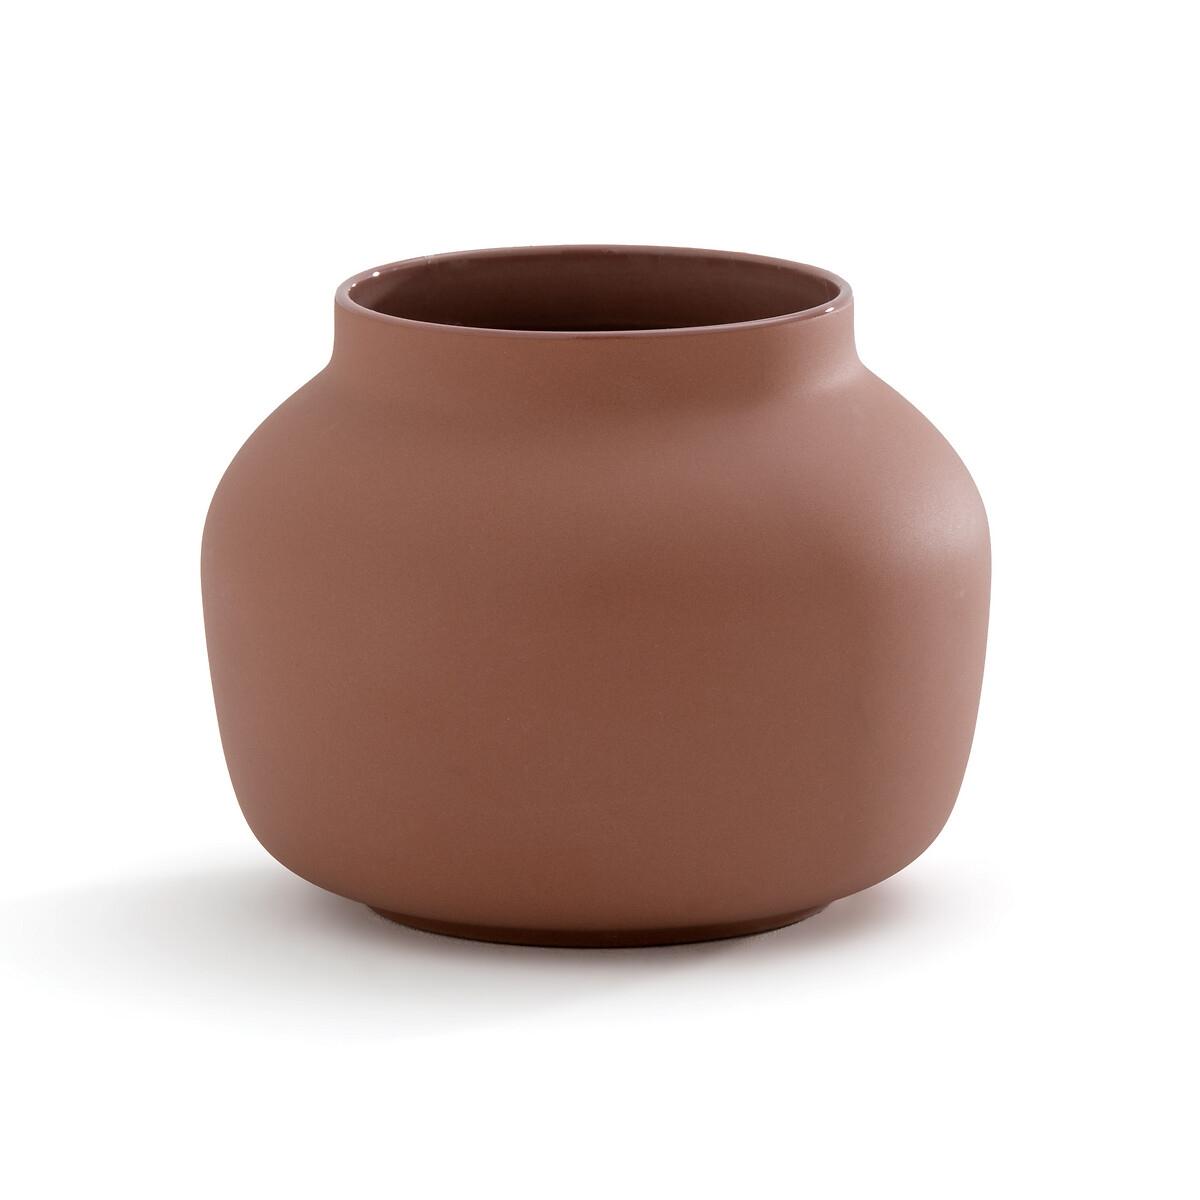 Ваза La Redoute Из матовой керамики Sira единый размер каштановый миски la redoute из эмалированной керамики attale единый размер каштановый